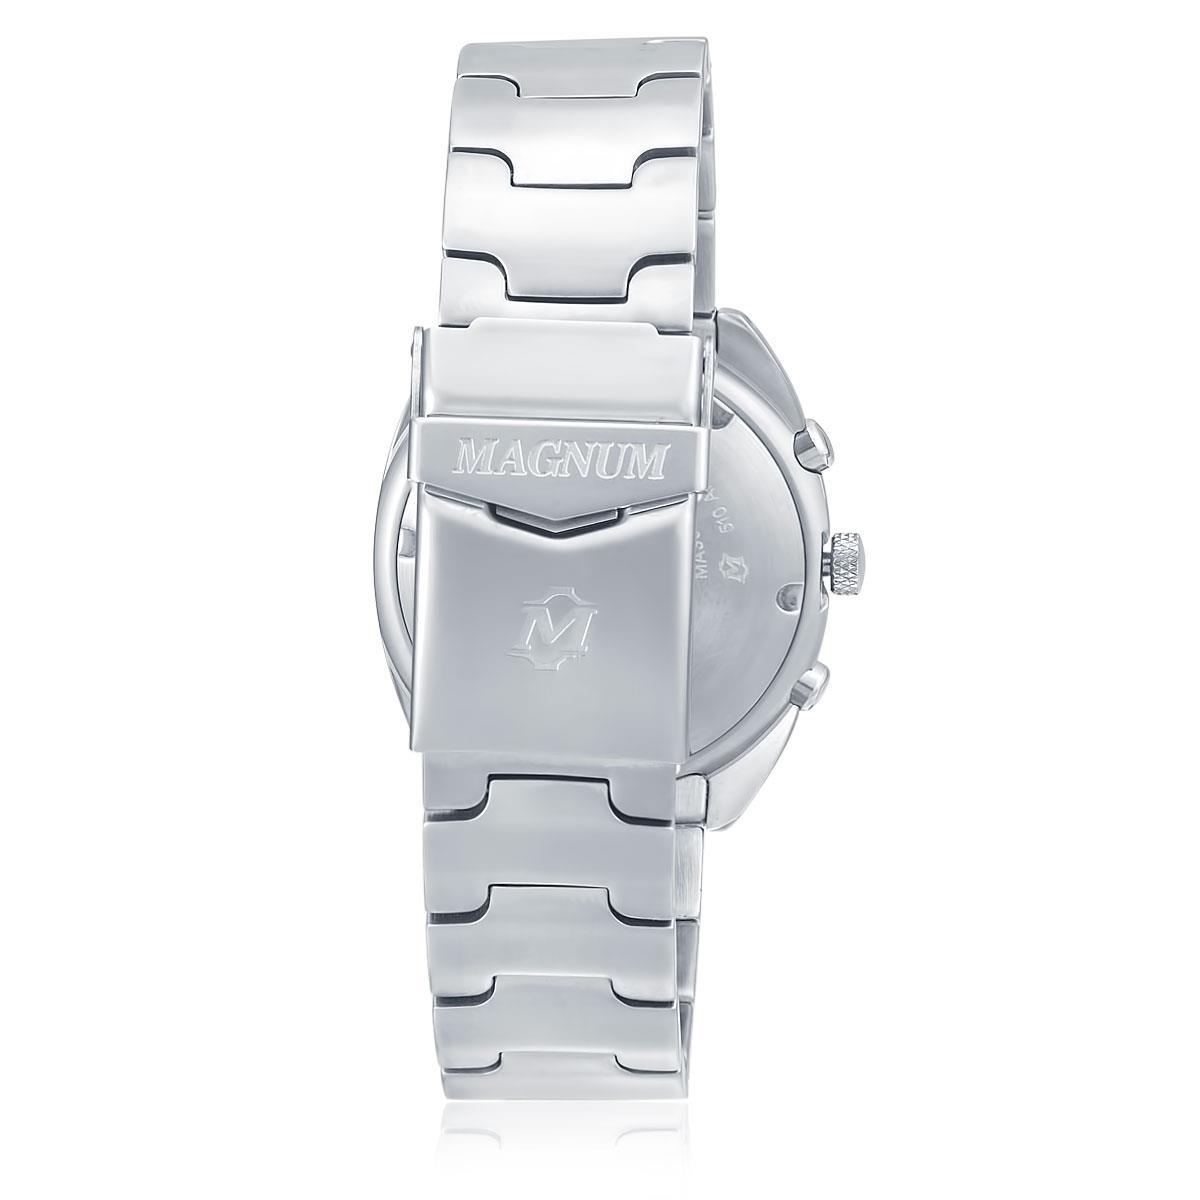 66e7afdbf71 Relógio Magnum Analógico MA30212Q Aço com fundo branco e preto